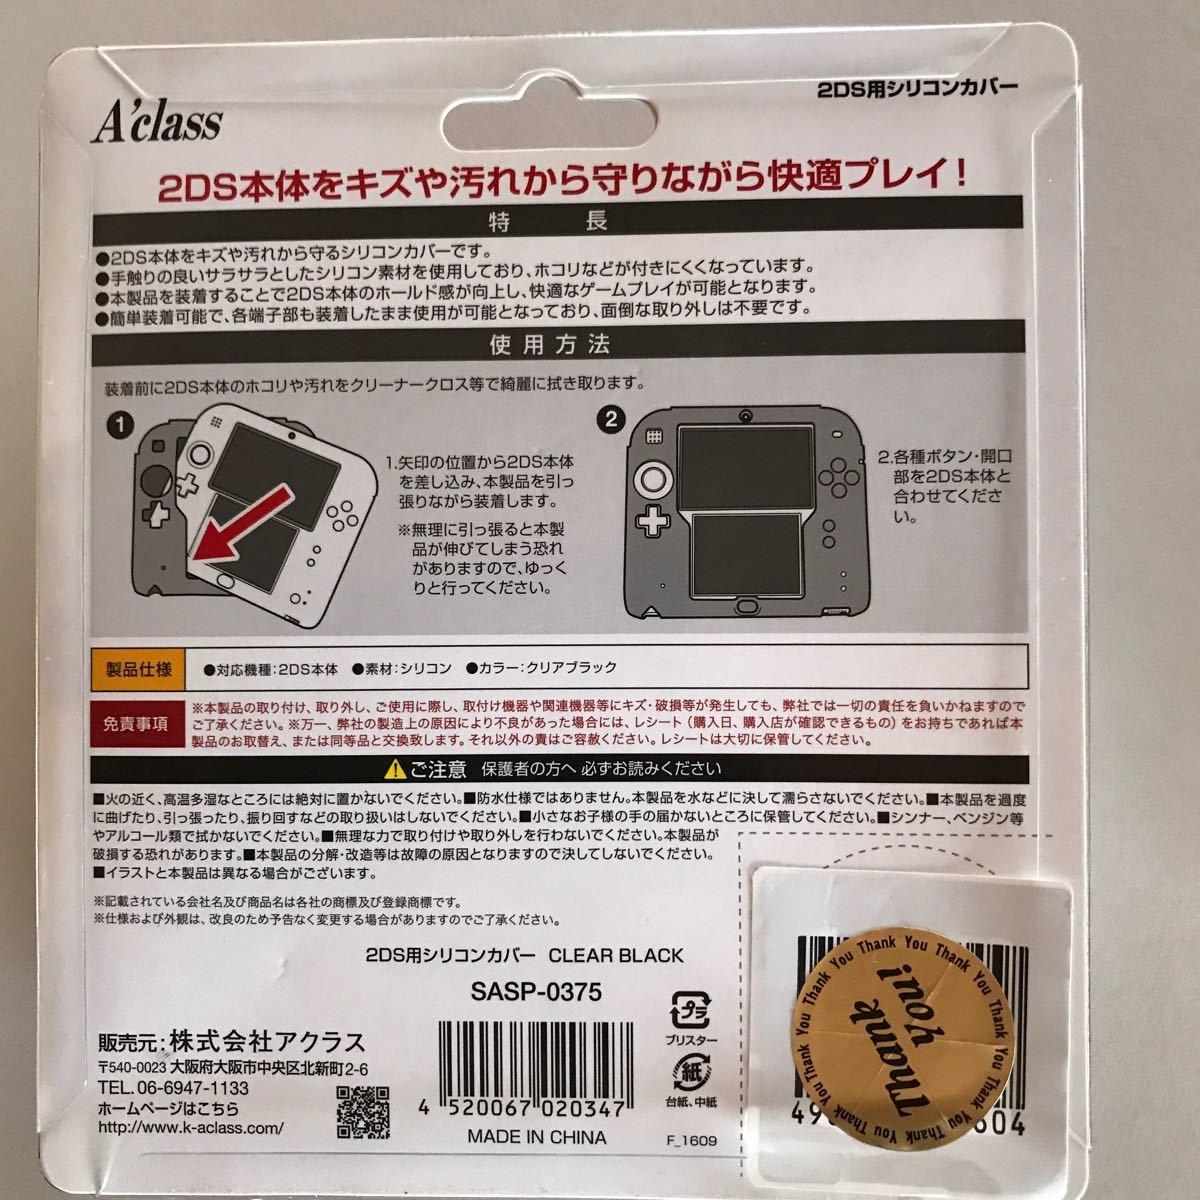 2DS専用 シリコンカバー クリアブラック